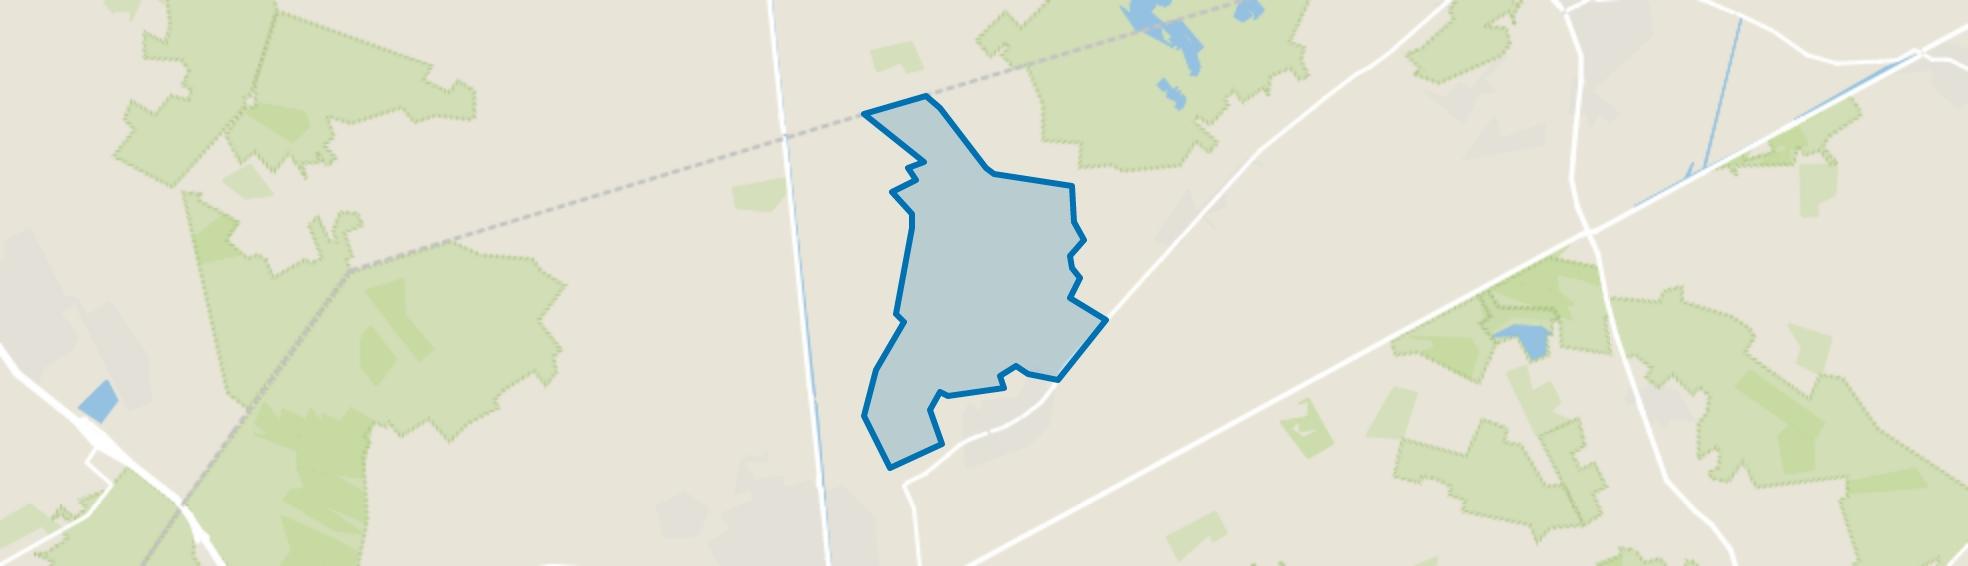 Nieuwstraat-Horick-Kampersweg, Ospel map